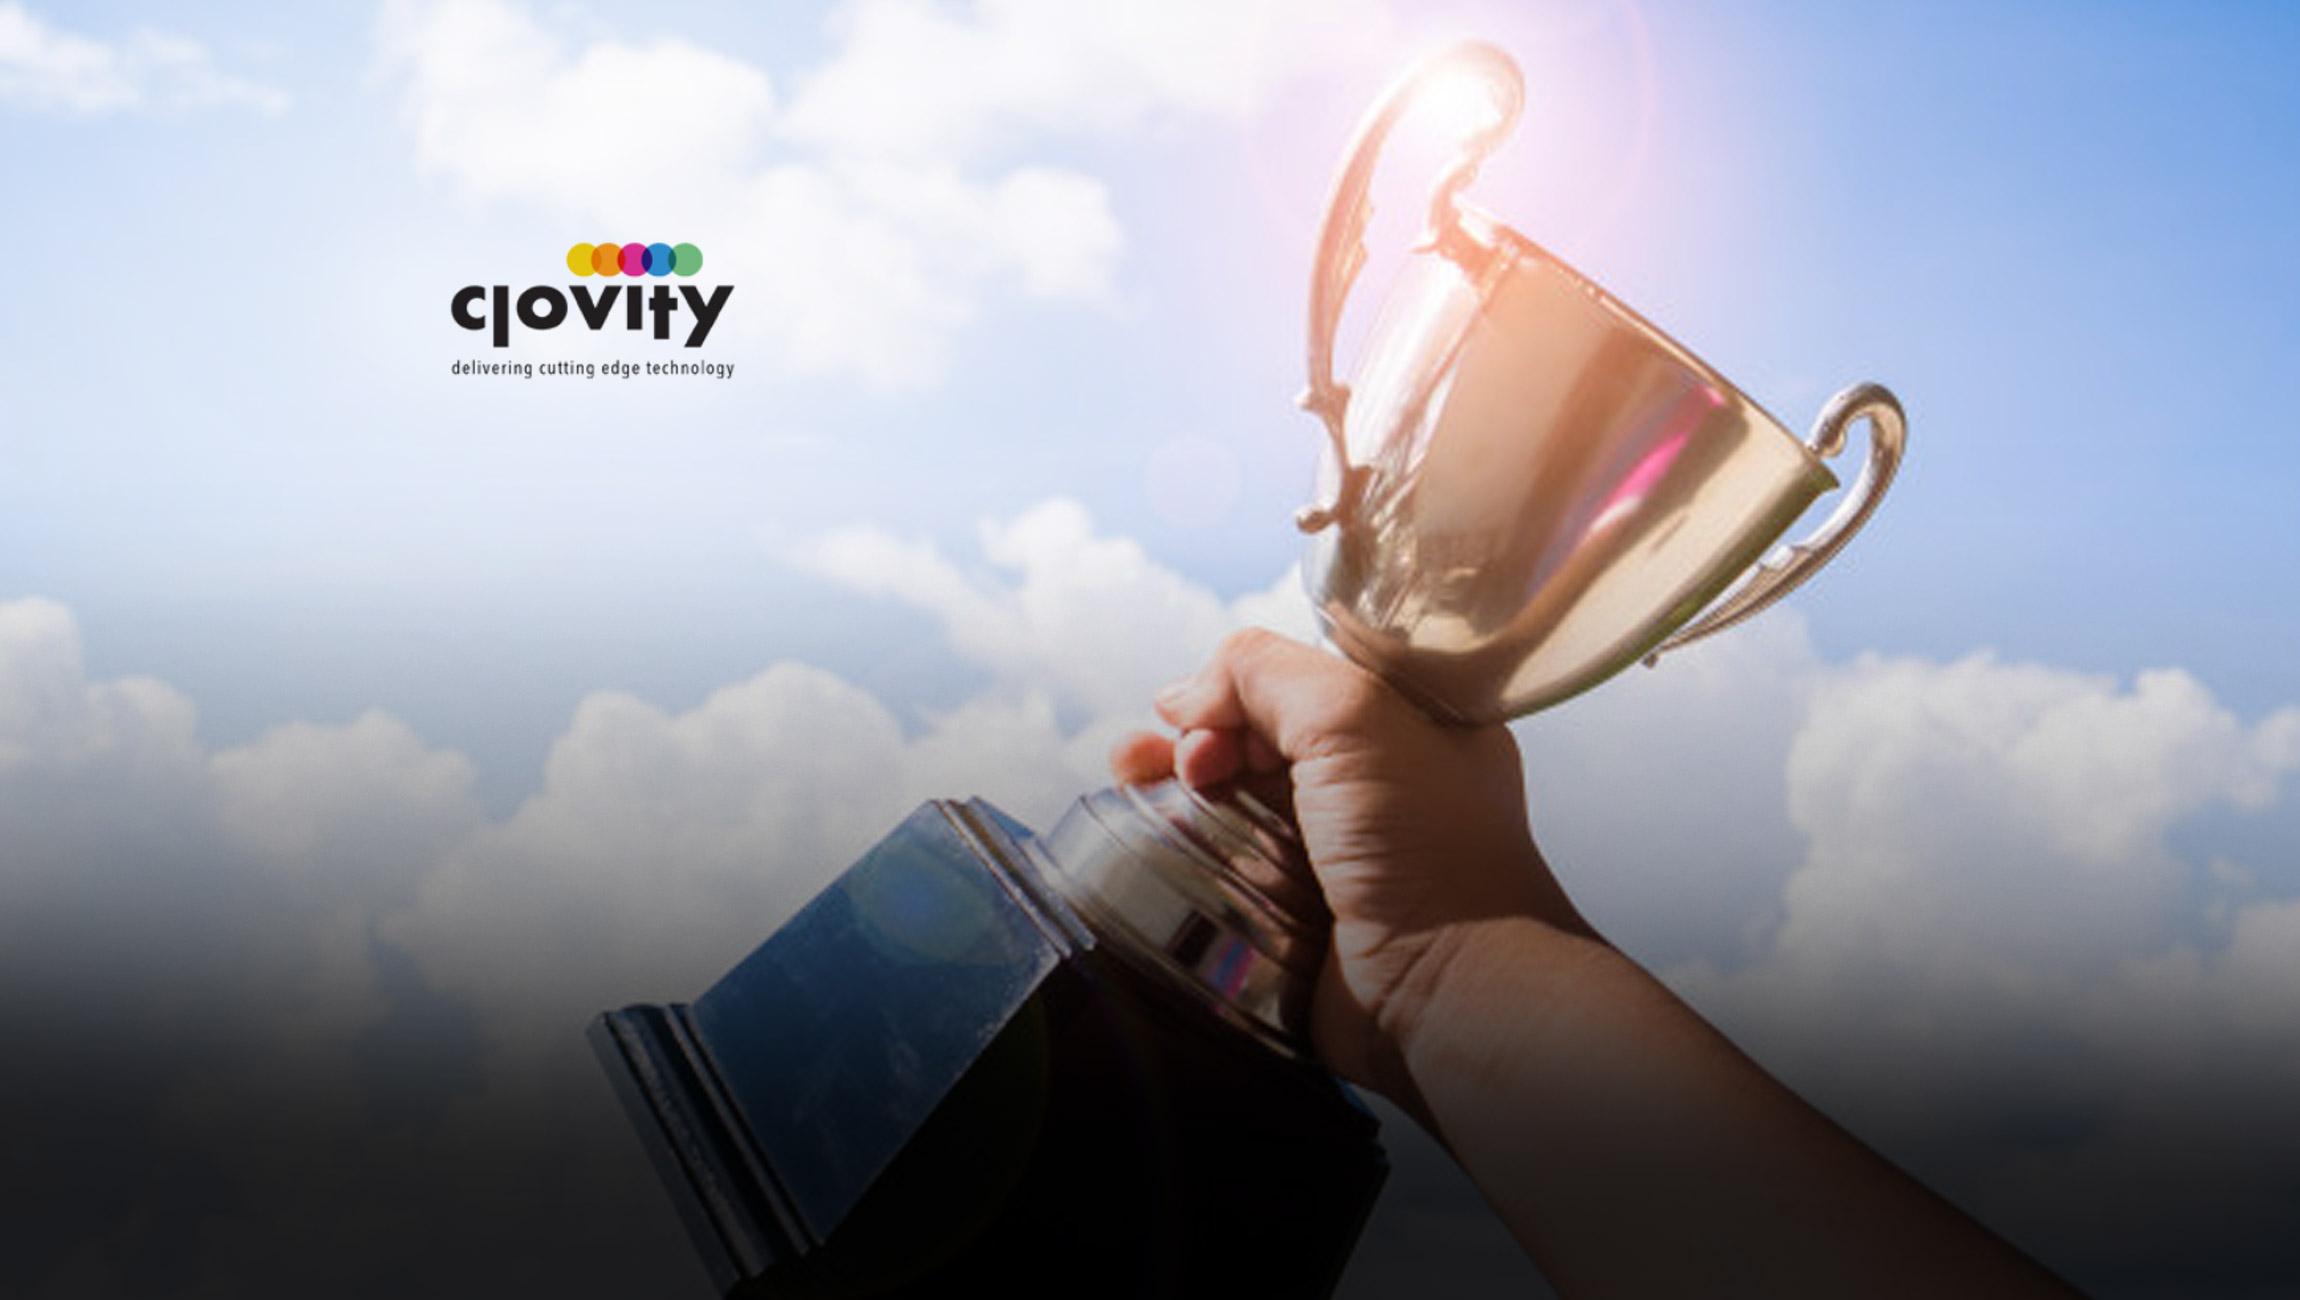 """Clovity Named """"Global IoT Innovation Vendor of the Year"""" in 2021 IoT Breakthrough Awards Program"""